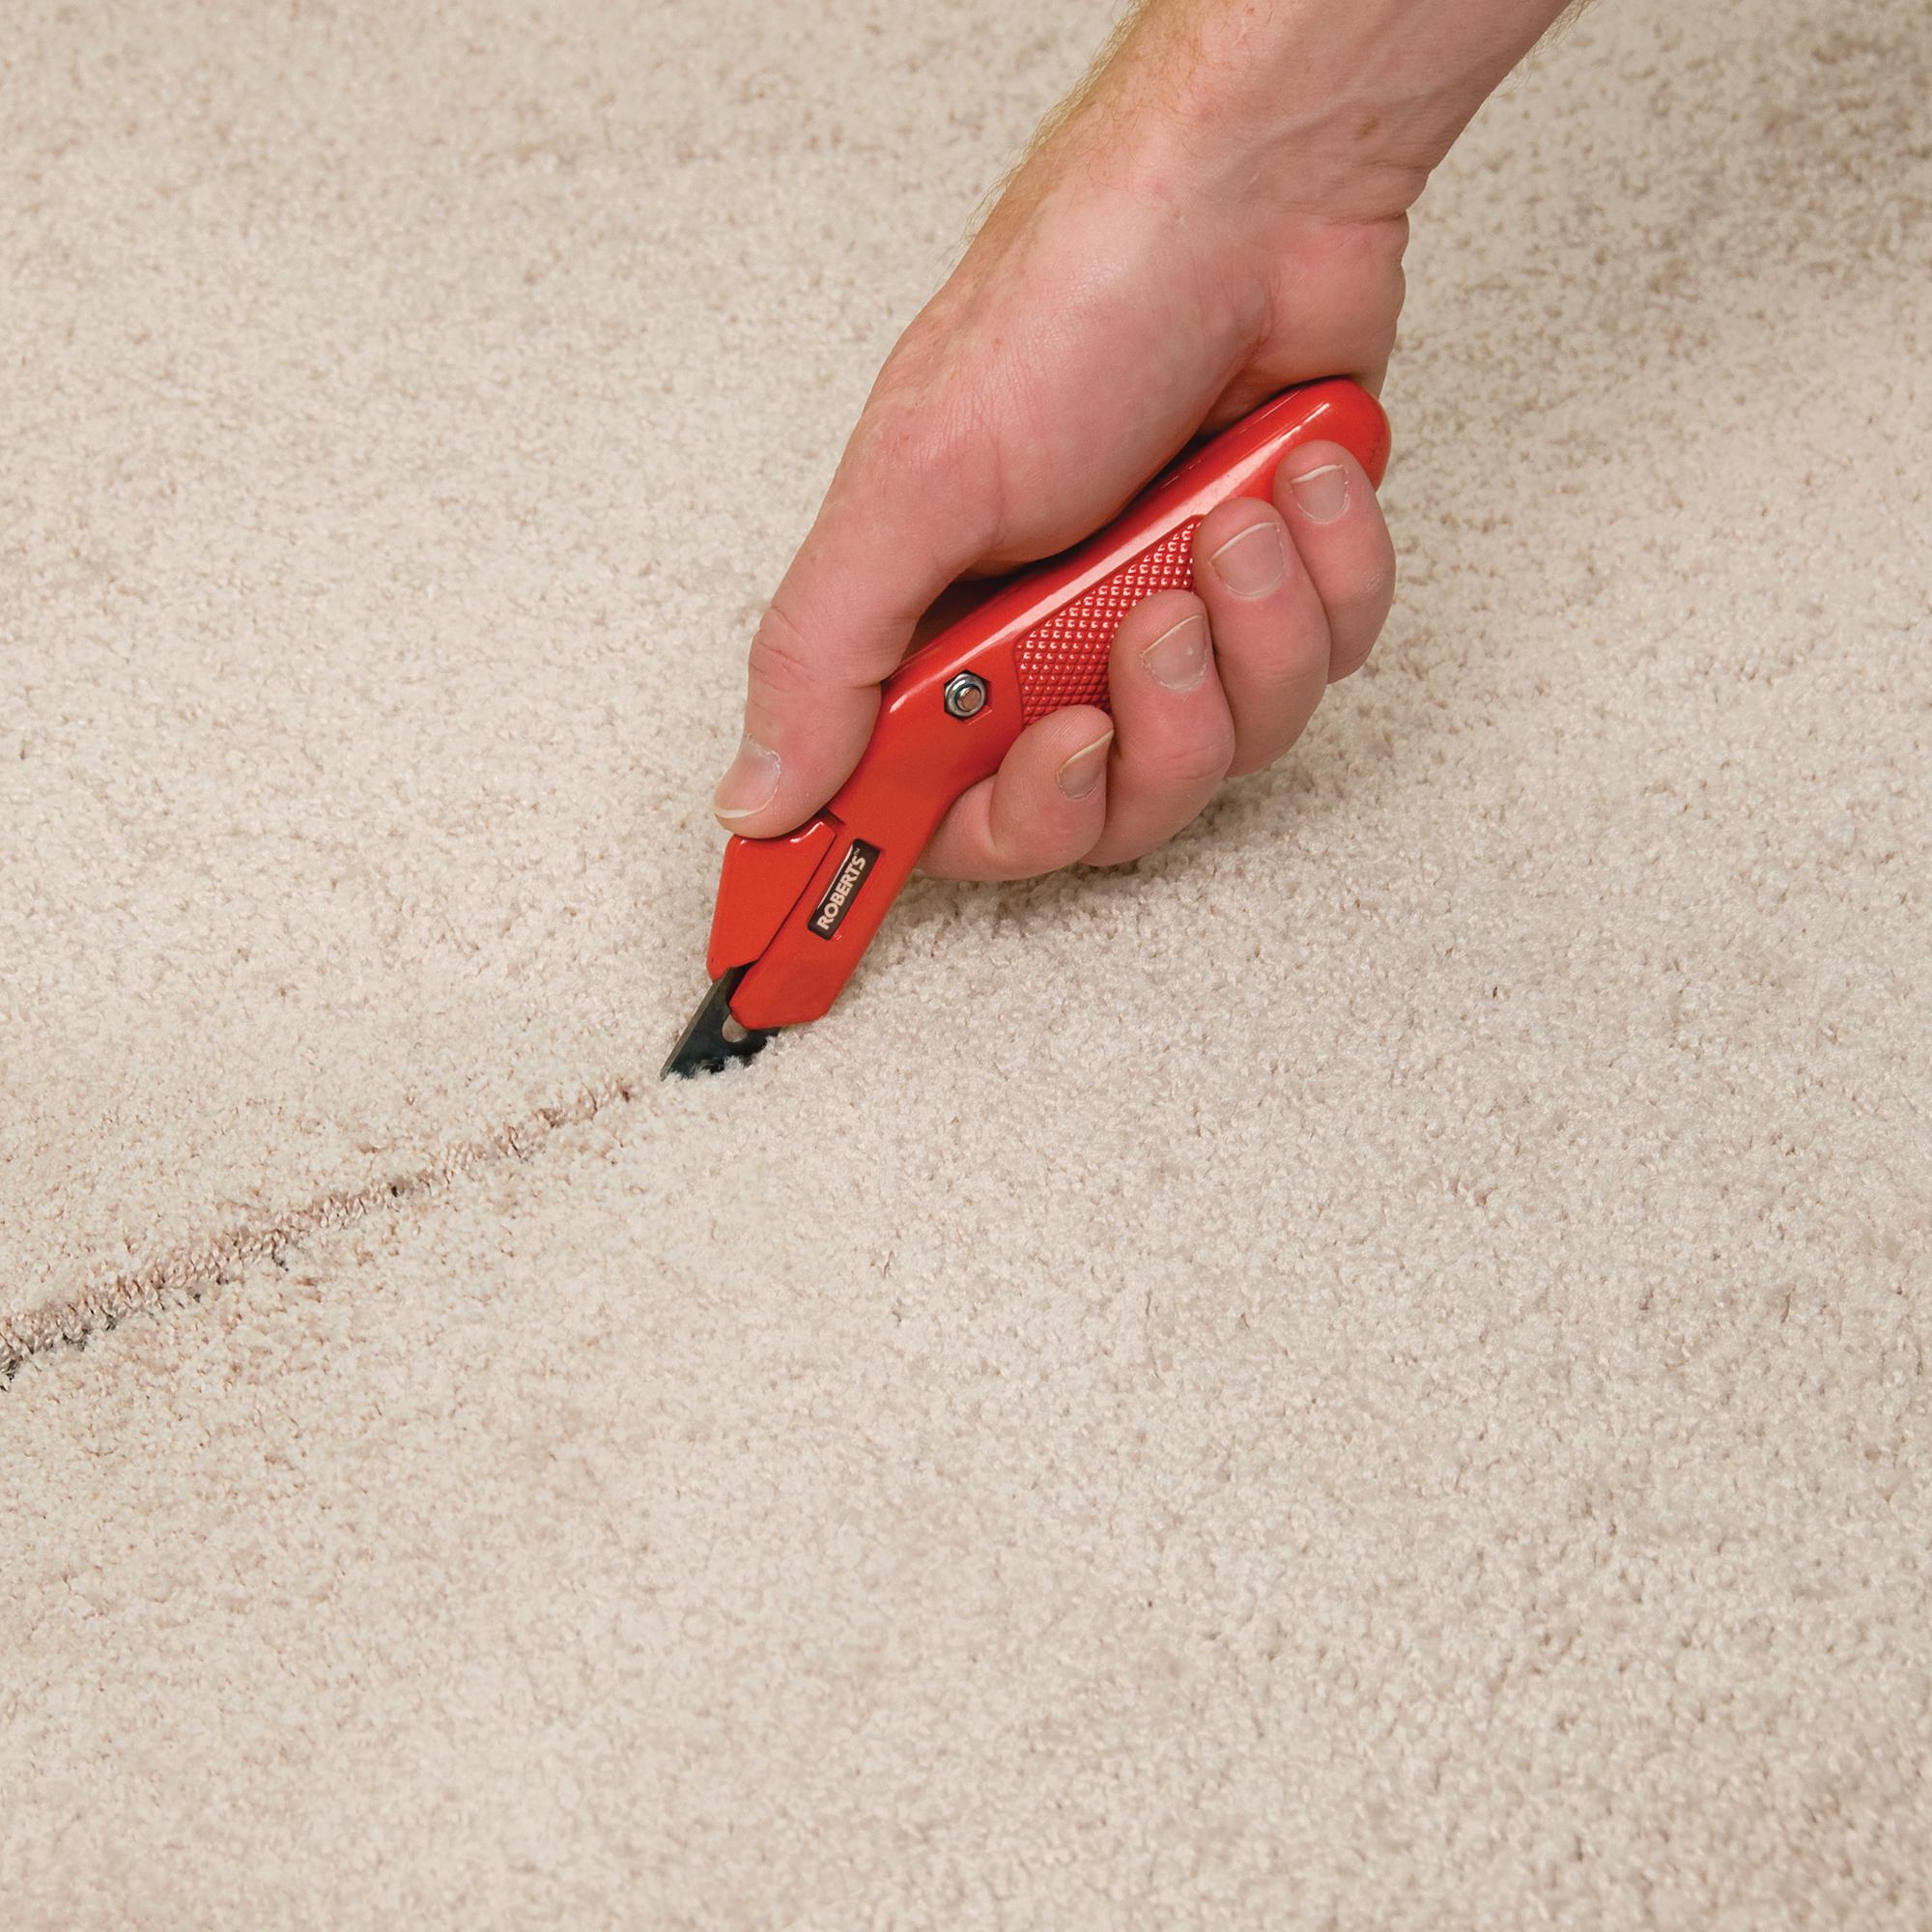 Round-End Carbon Steel Carpet Blades